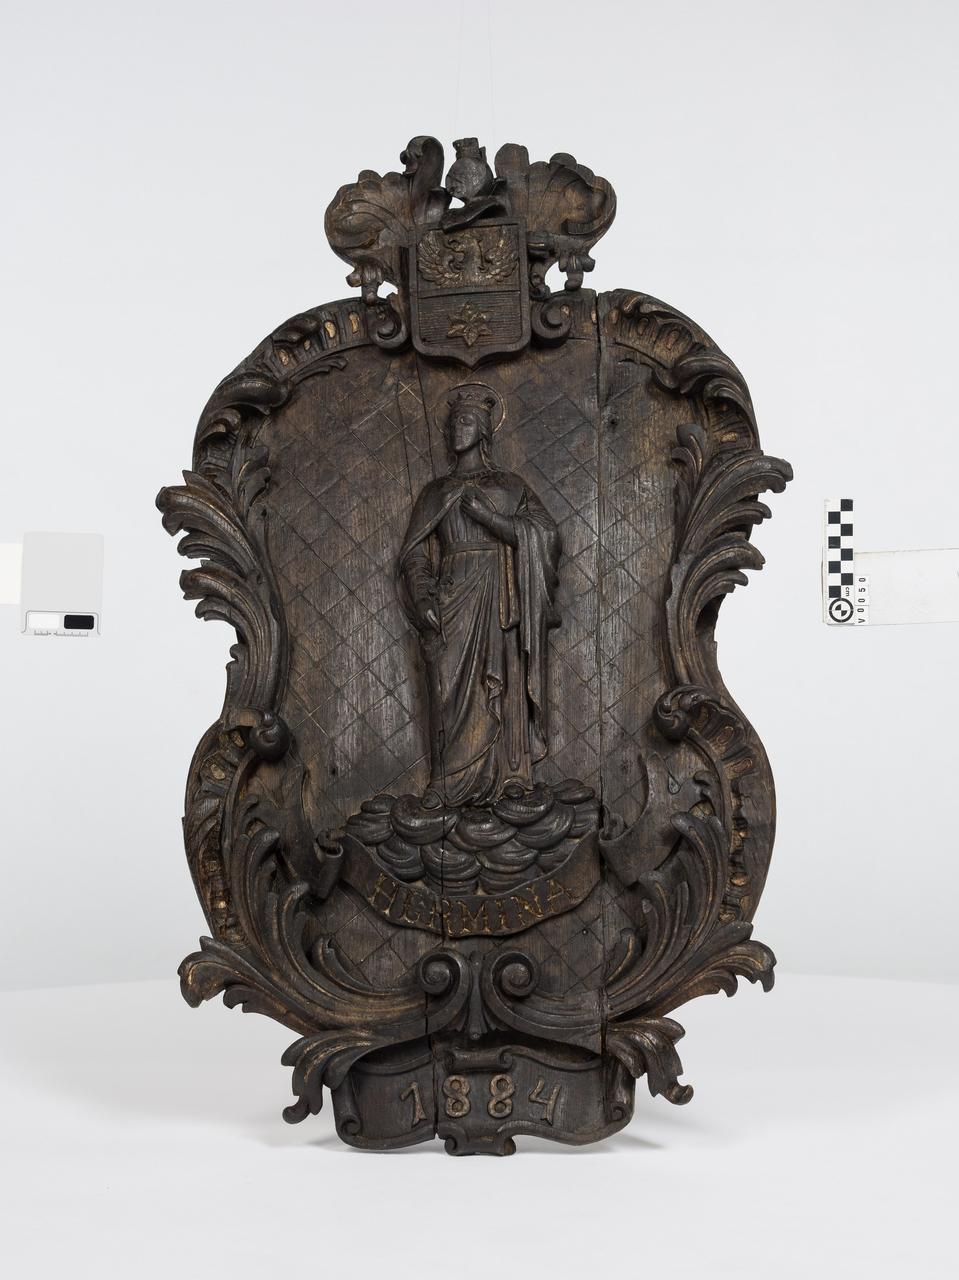 Reliéf zo suda zroku 1884, sv. Hermína - Fassboden mit Relief der Hl. Hermina von 1884